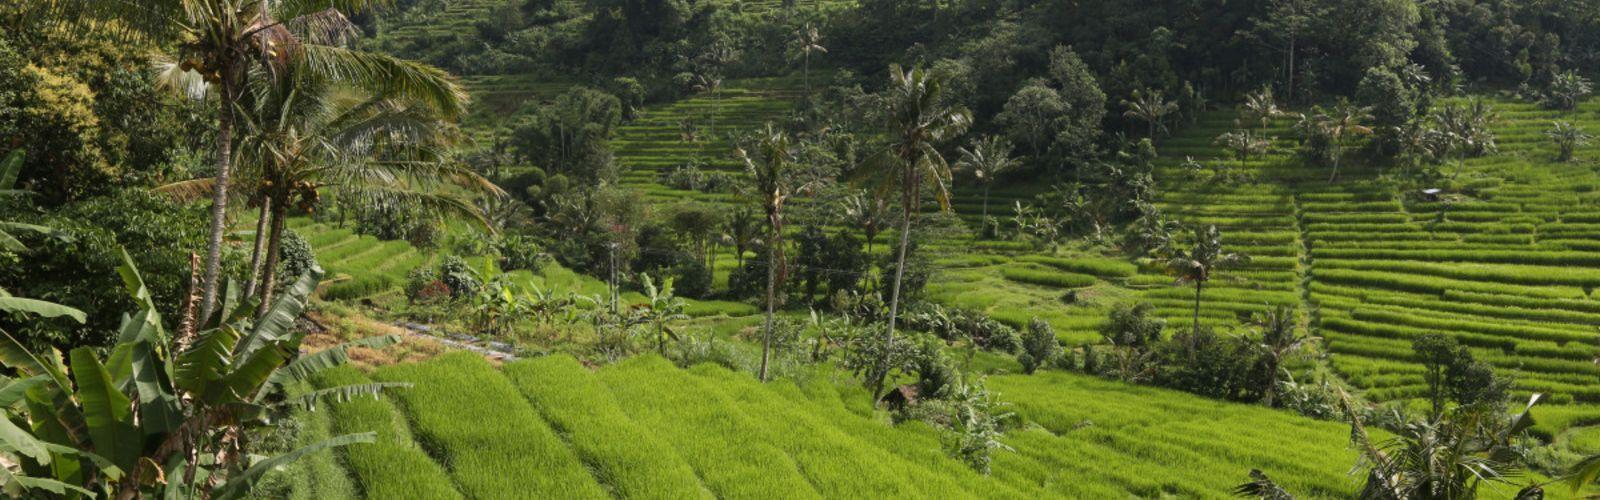 Rizières de Jatiluwih. Cocotiers en bordure de parcelle pour bornage (Indonésie). © Alain Rival, Cirad